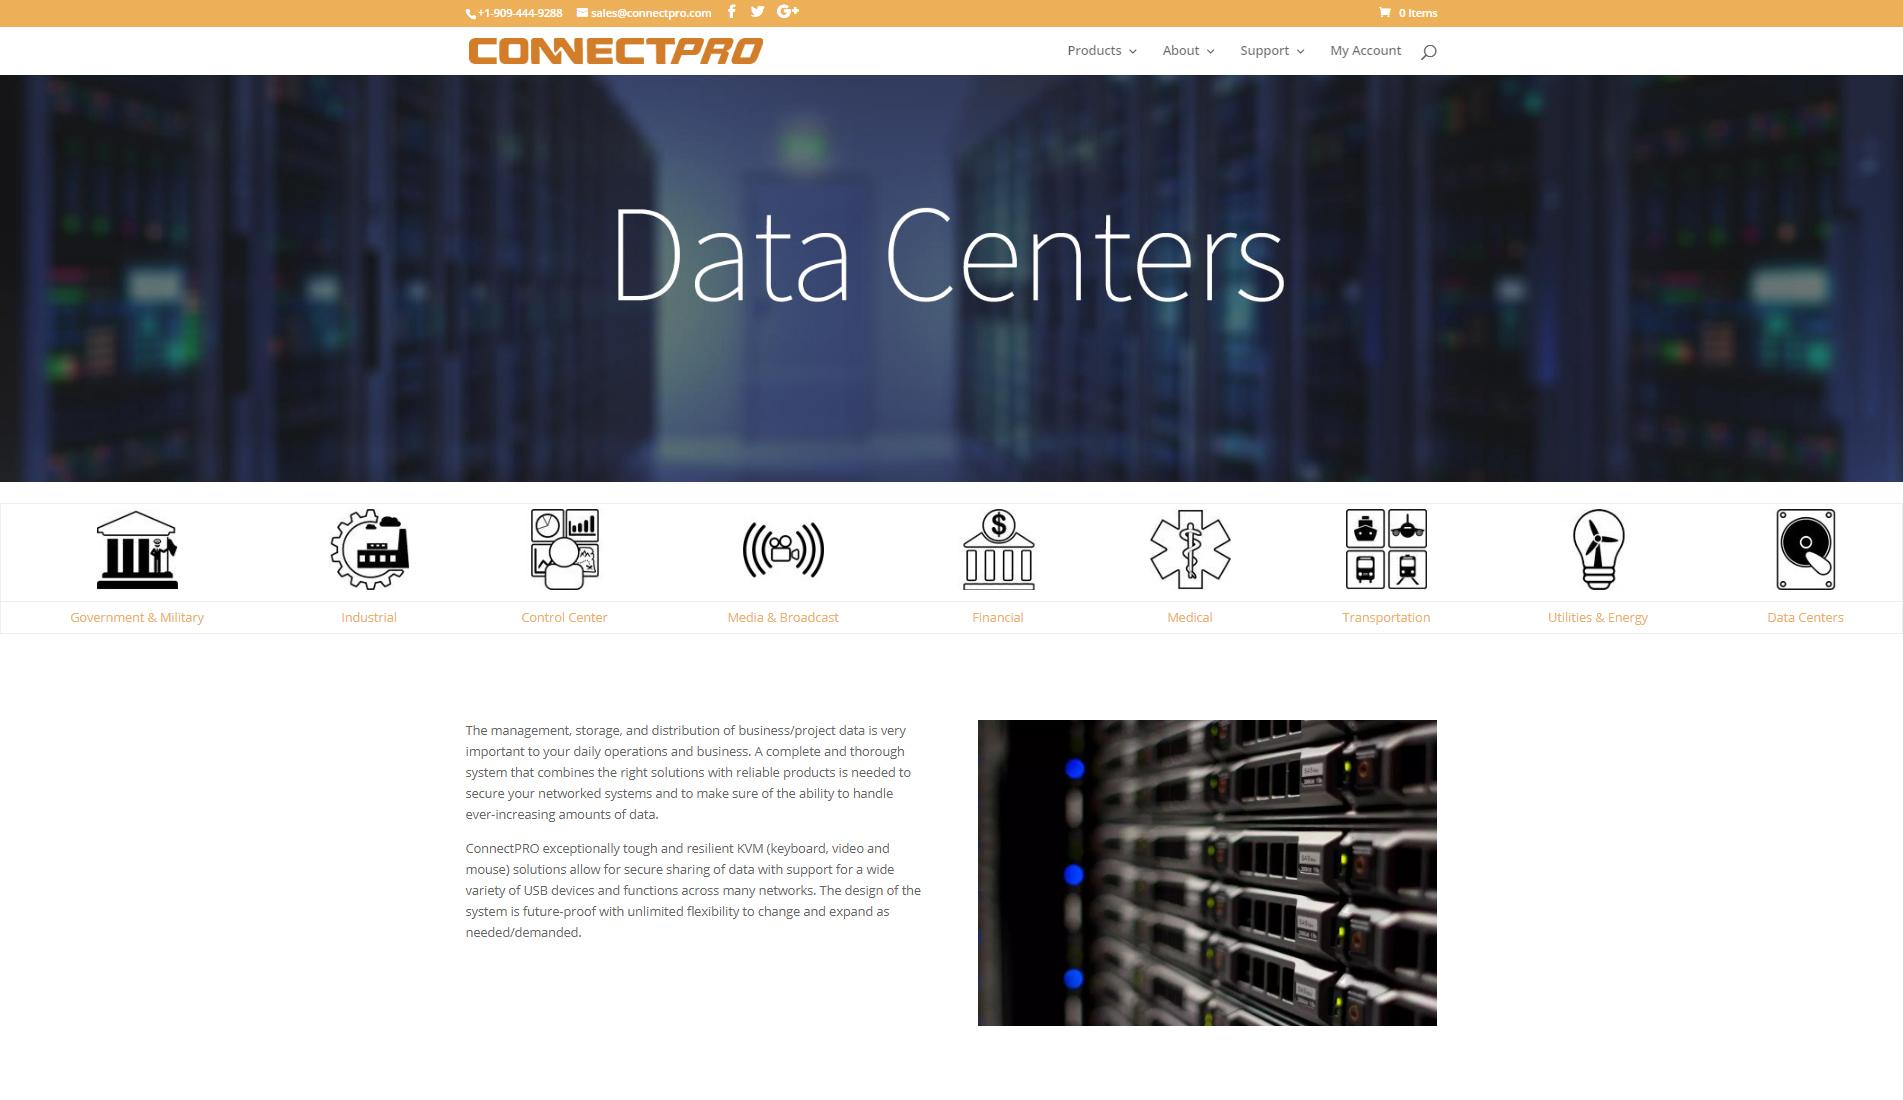 ConnectPRO_Industry_Nav_Bar_data.jpg